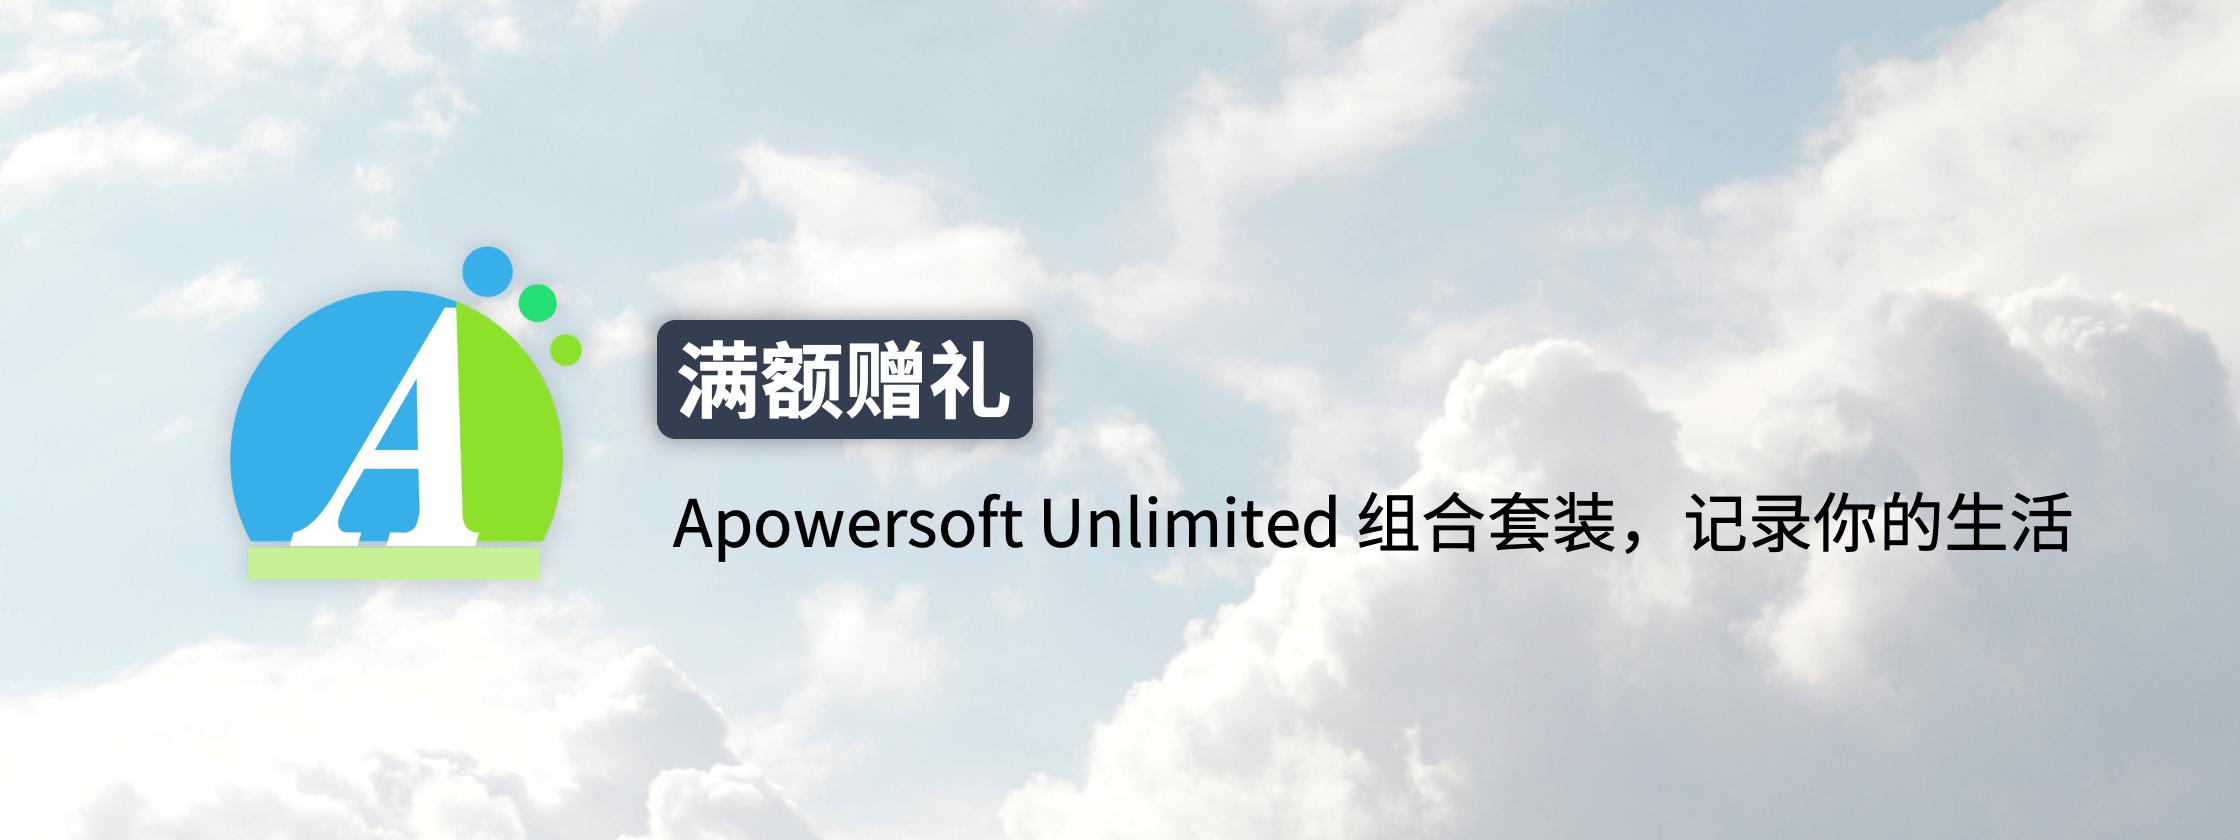 满额赠礼丨使用 Apowersoft Unlimited 就能剪出好视频?手机/电脑「组队」参与制作